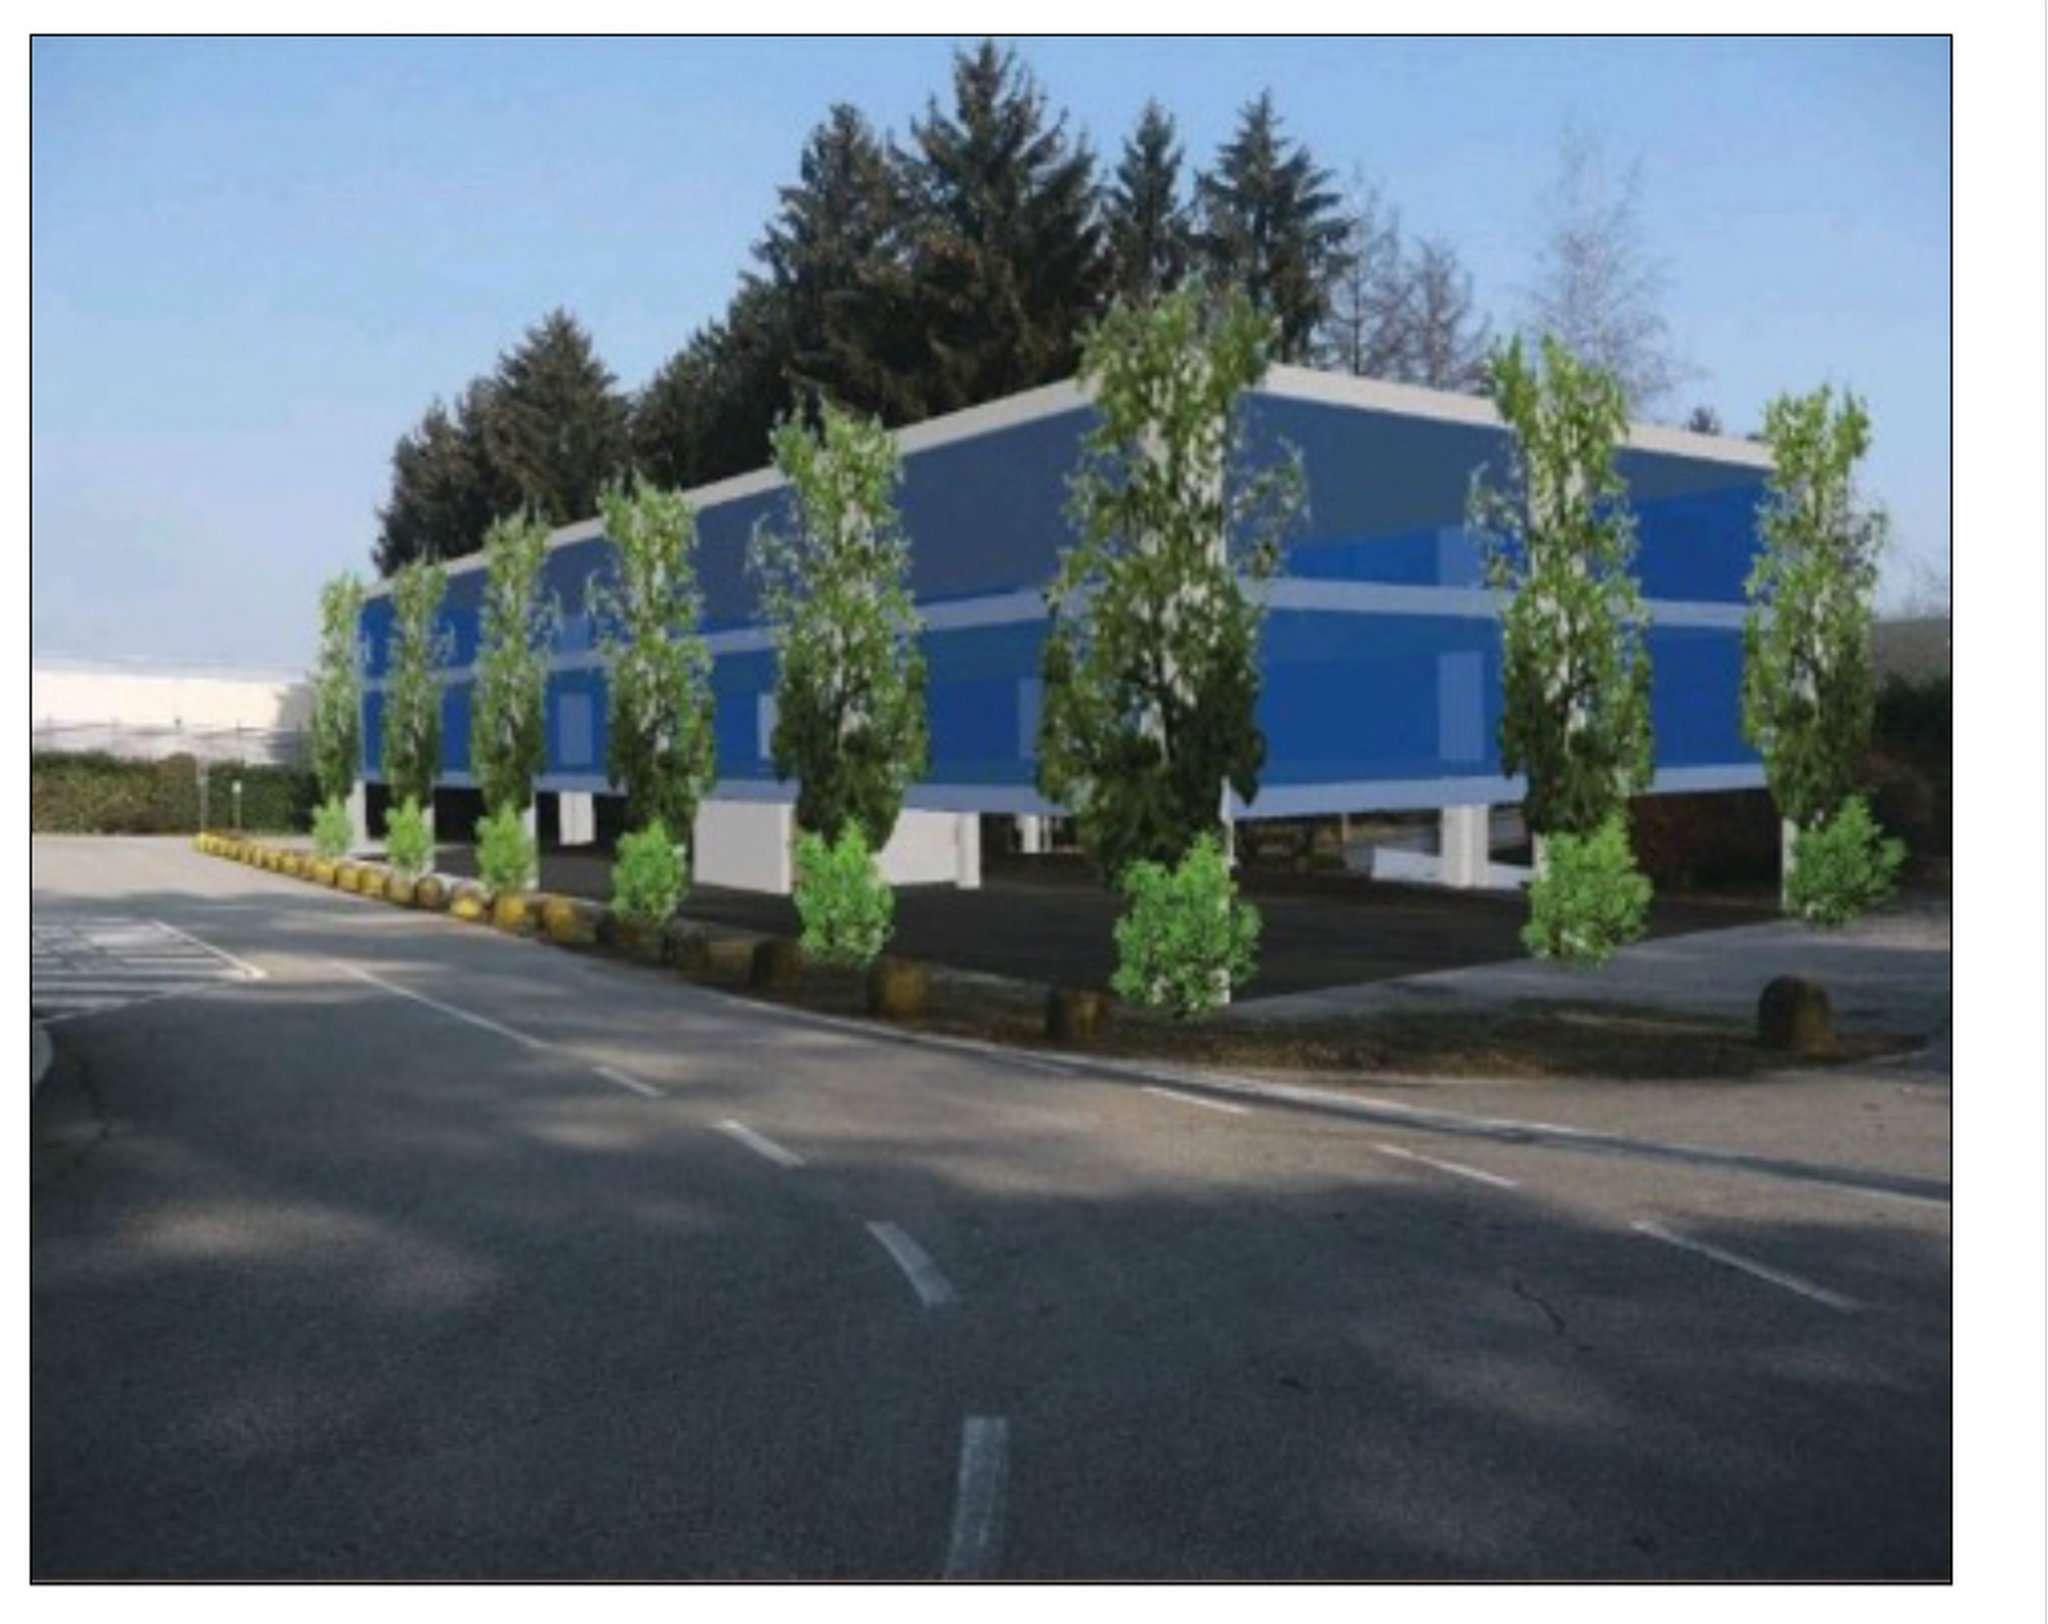 Ufficio / Studio in vendita a Fino Mornasco, 10 locali, prezzo € 750.000   CambioCasa.it